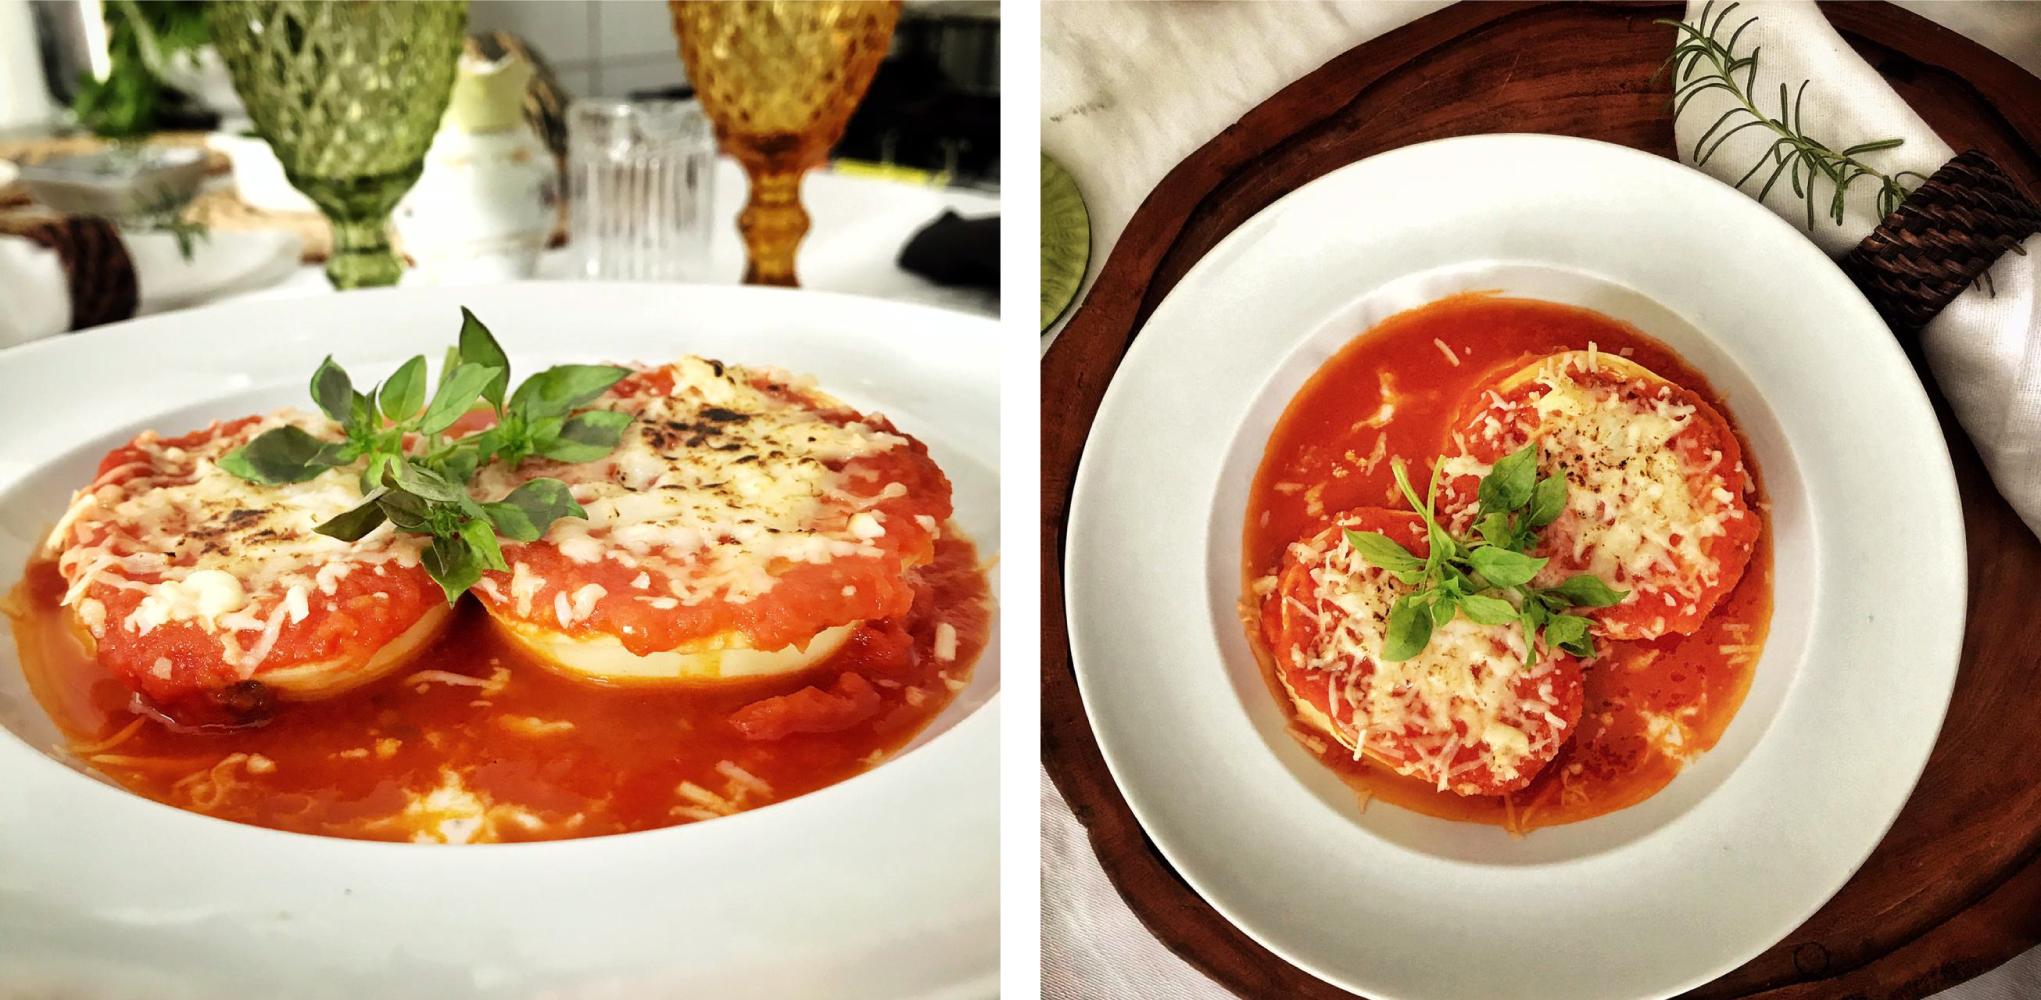 Rotolone de ricota com tomate seco e rúcula ao molho pomodoro.